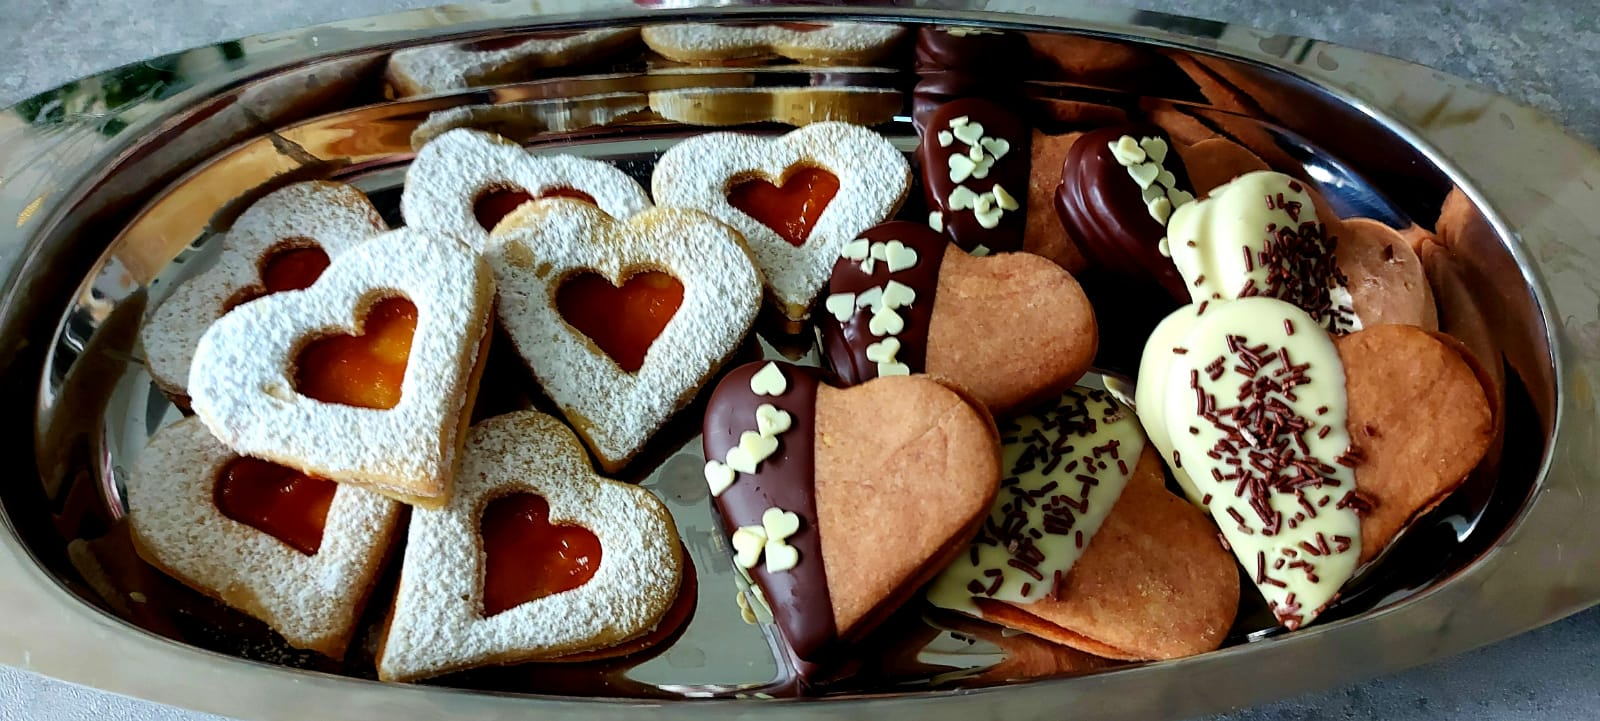 Kekse zum Muttertag